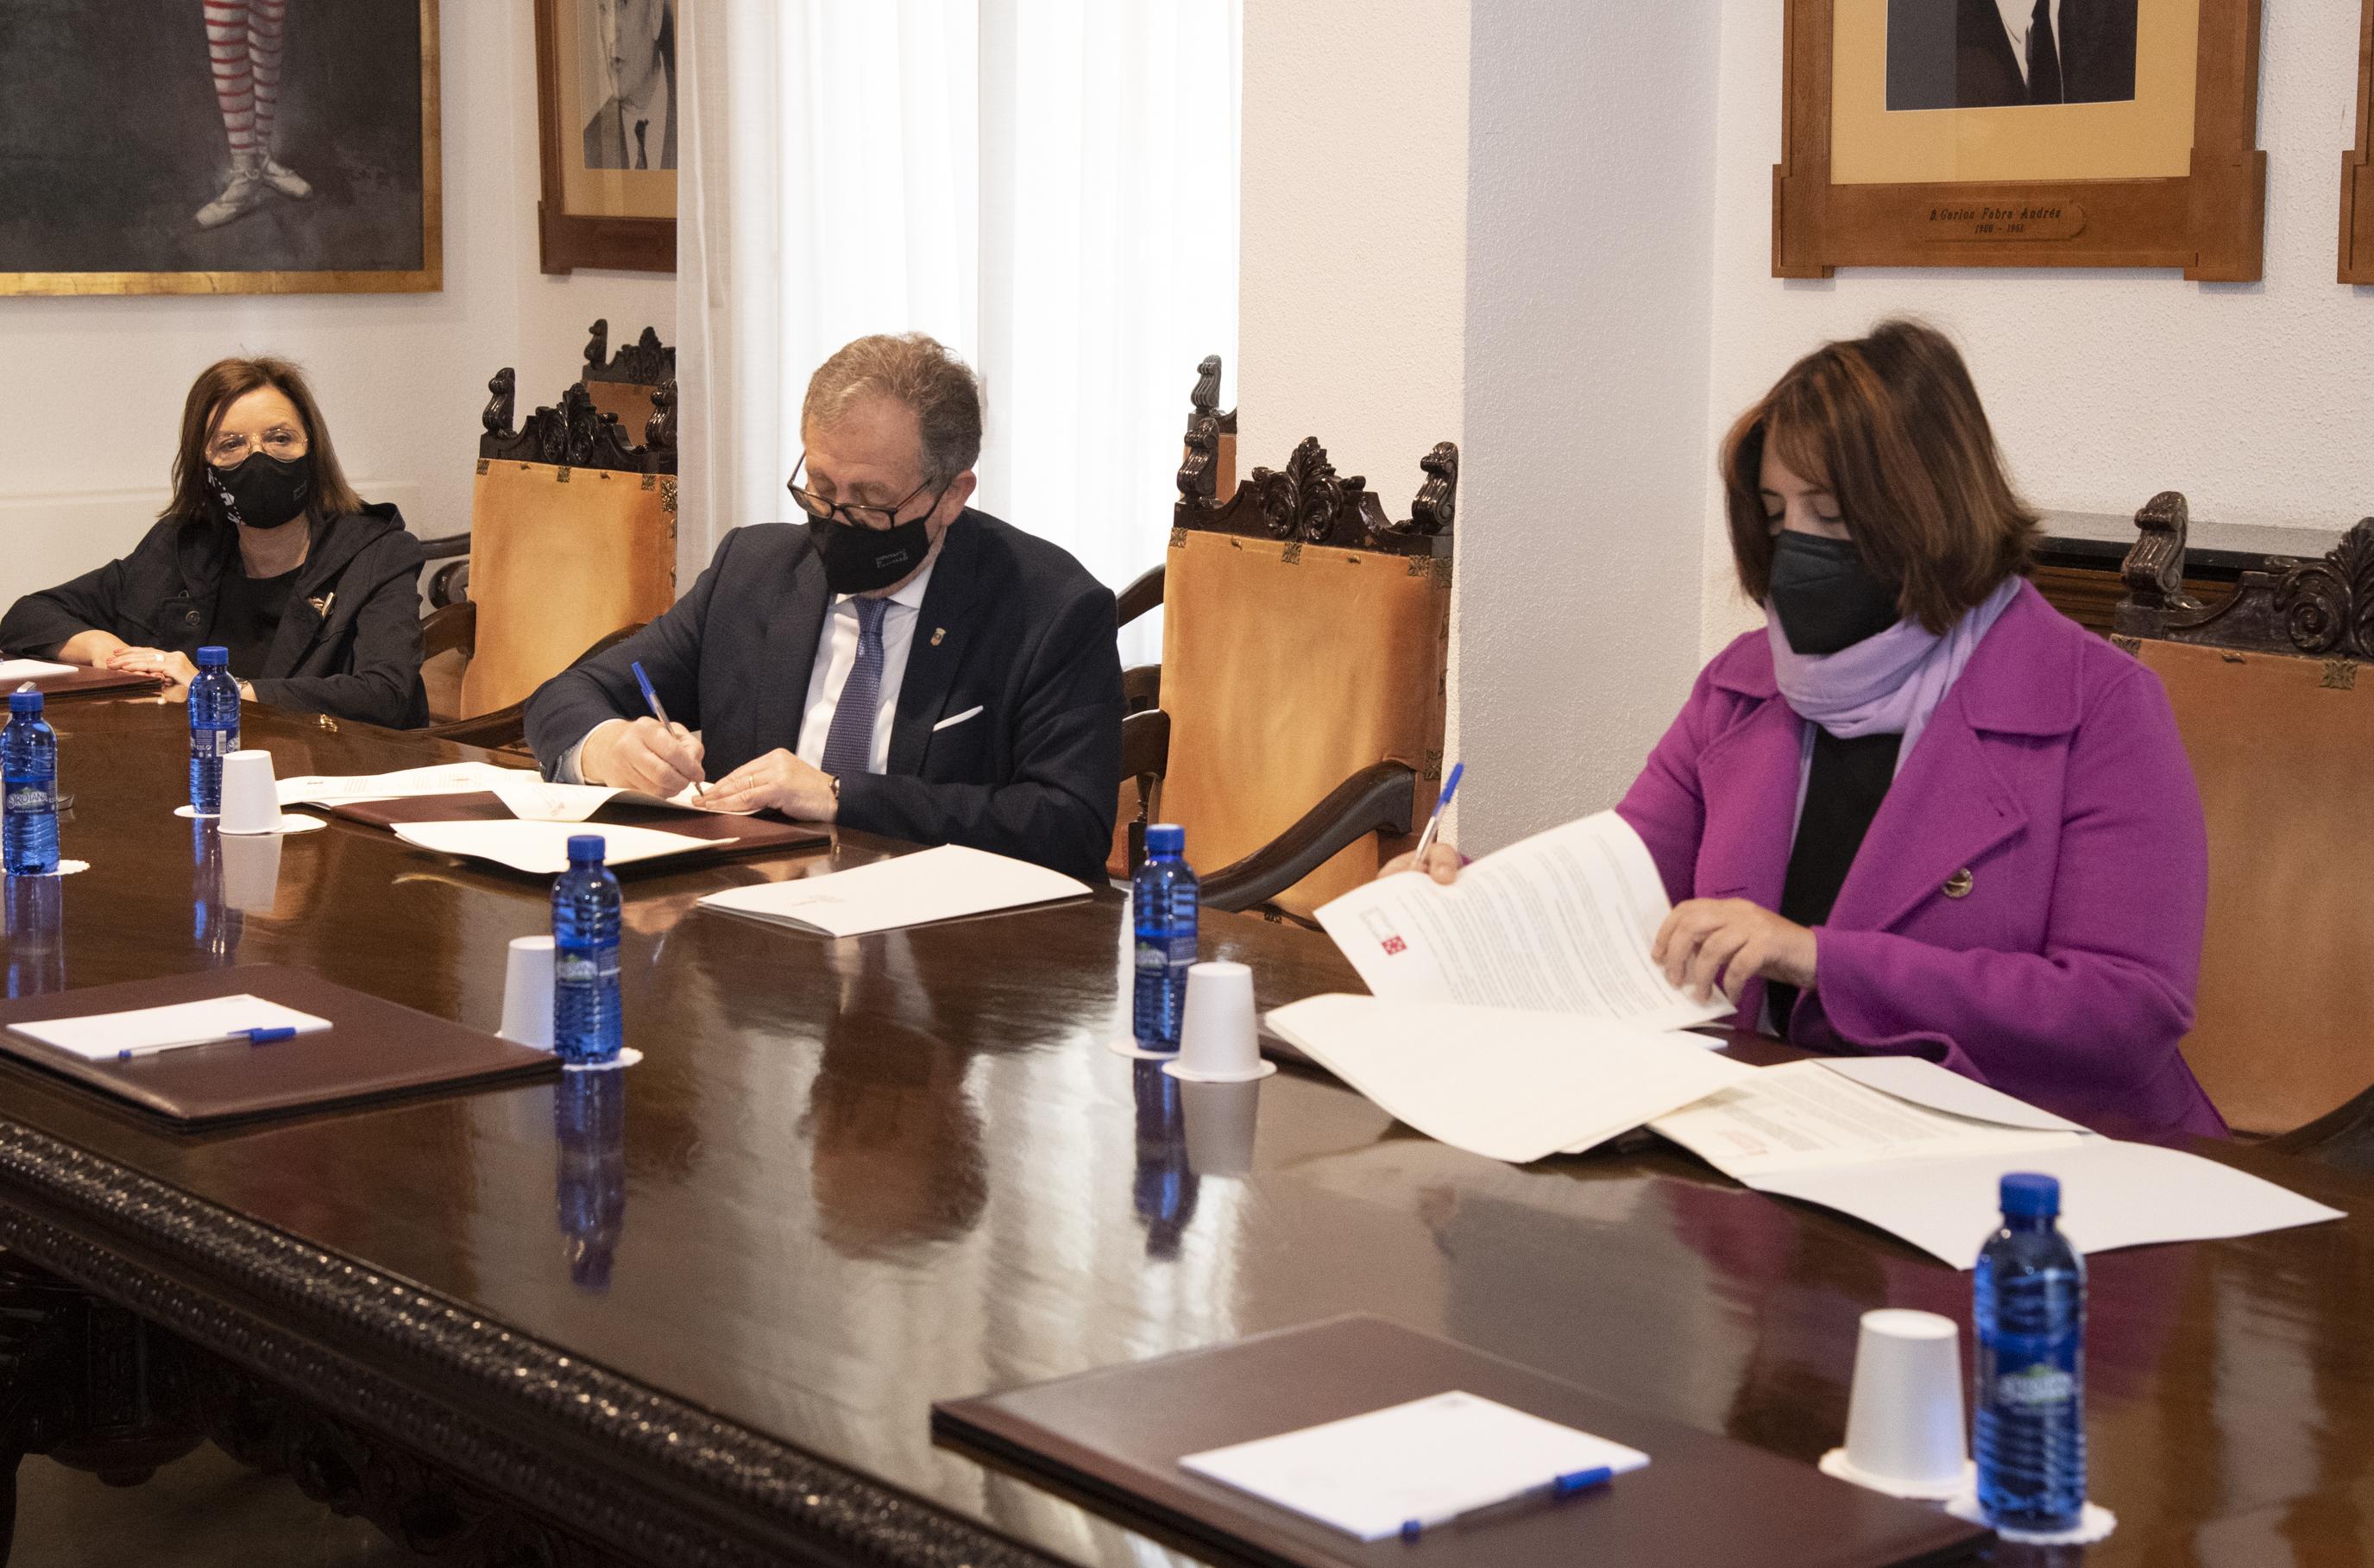 """Pérez Garijo: """"La col·laboració entre administracions és imprescindible per a avançar en polítiques per a la ciutadania"""""""